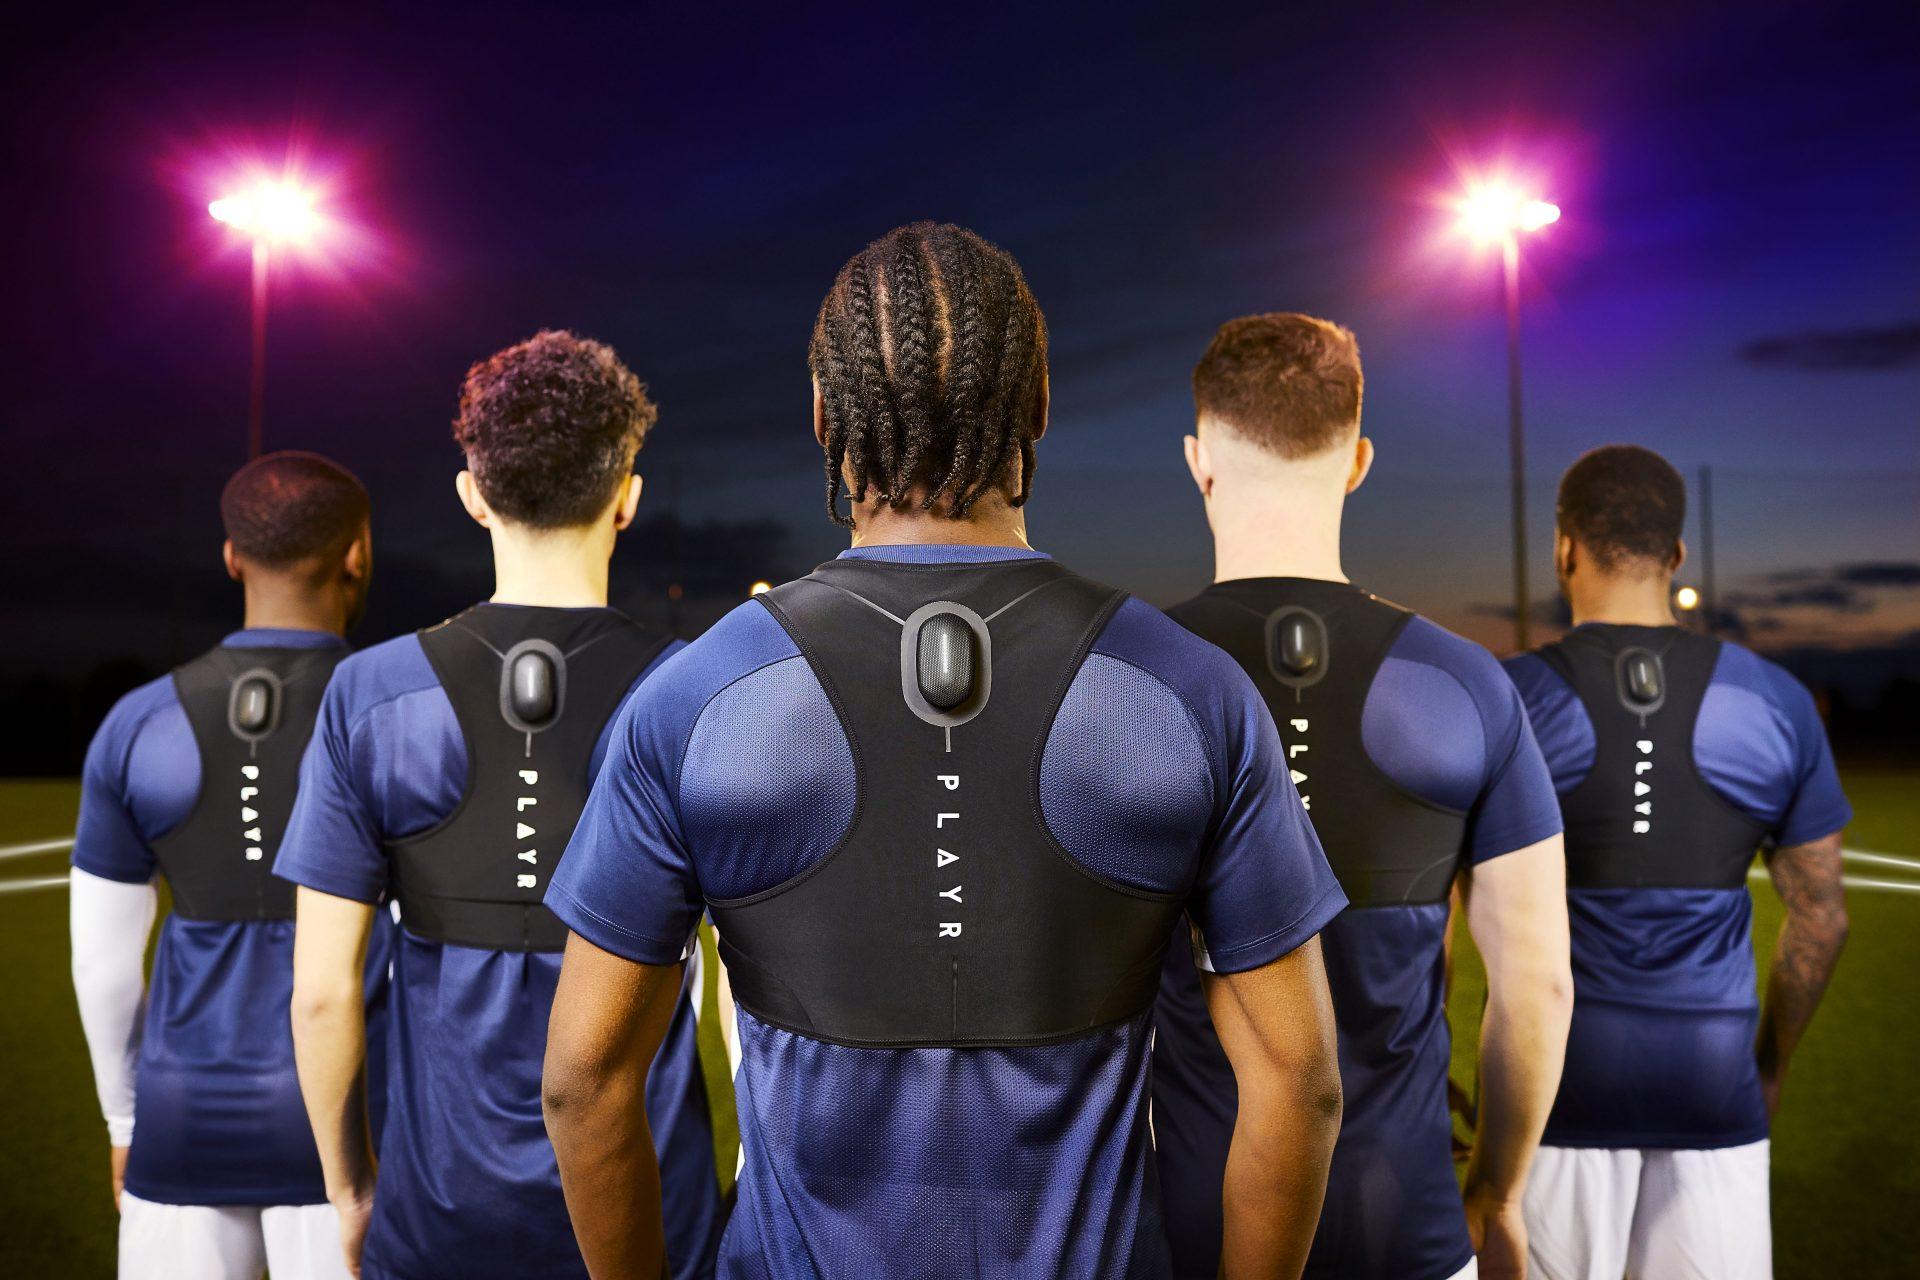 CATAPULT PLAYR Smart Soccer Tracker | Best Tracker for Soccer